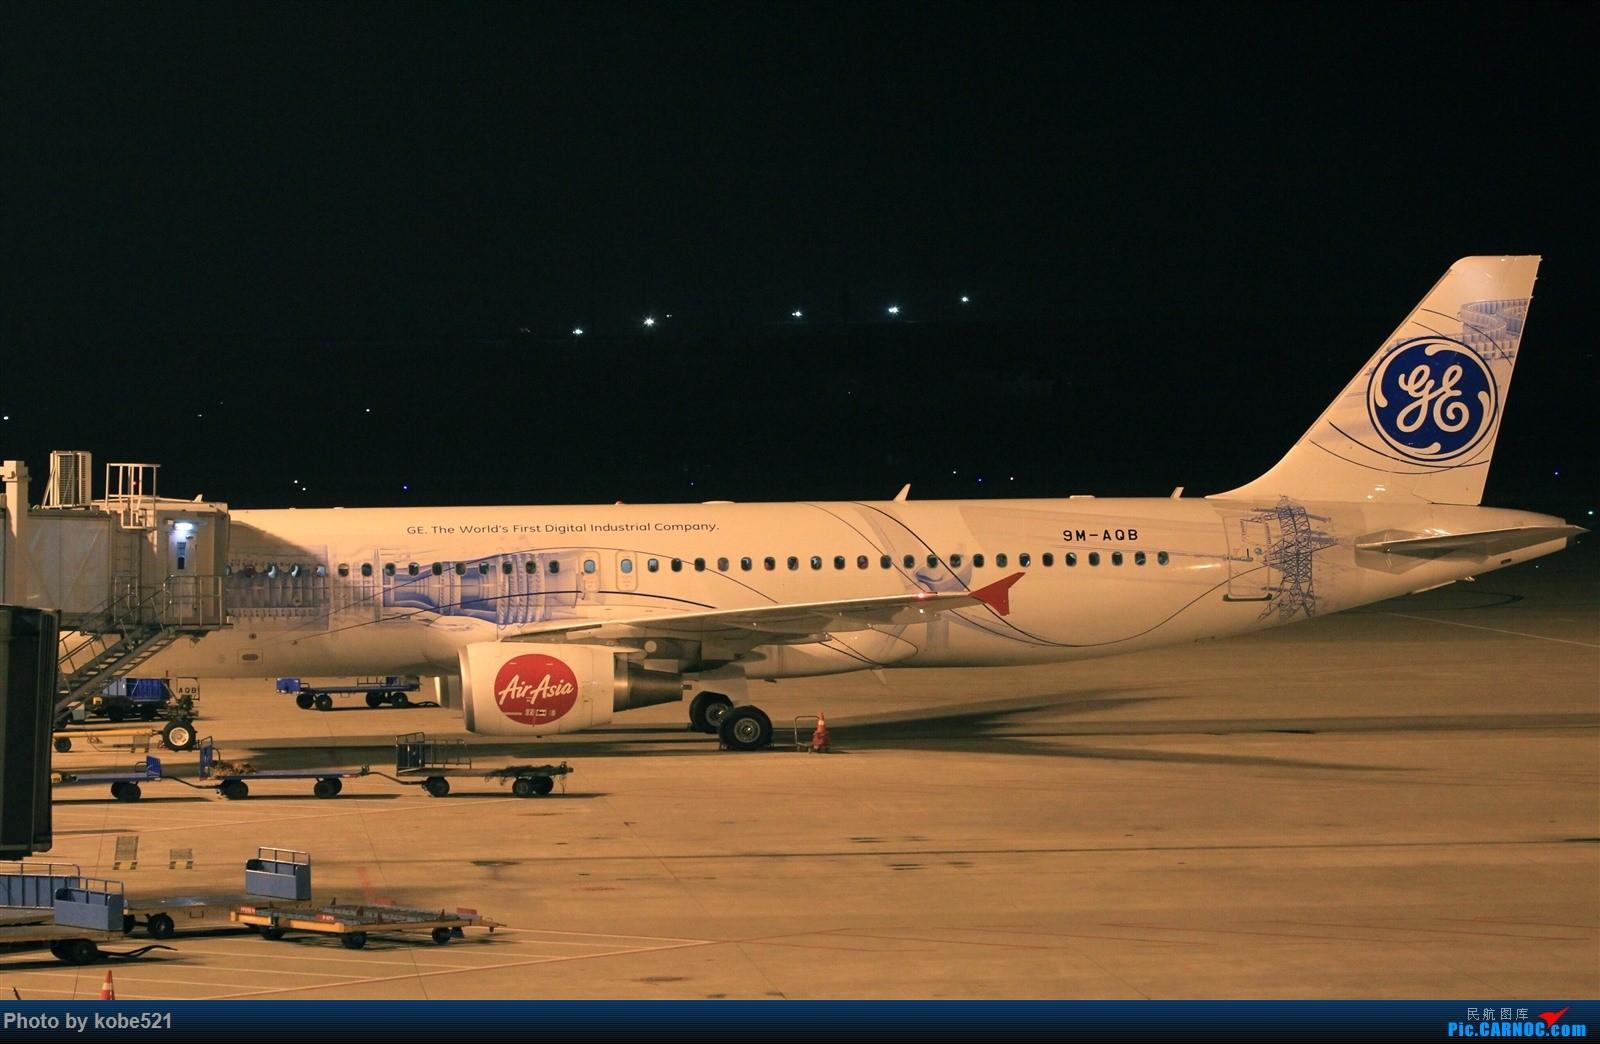 Re:[原创]撸一把夜景~ A320 9M-AQB 中国杭州萧山国际机场